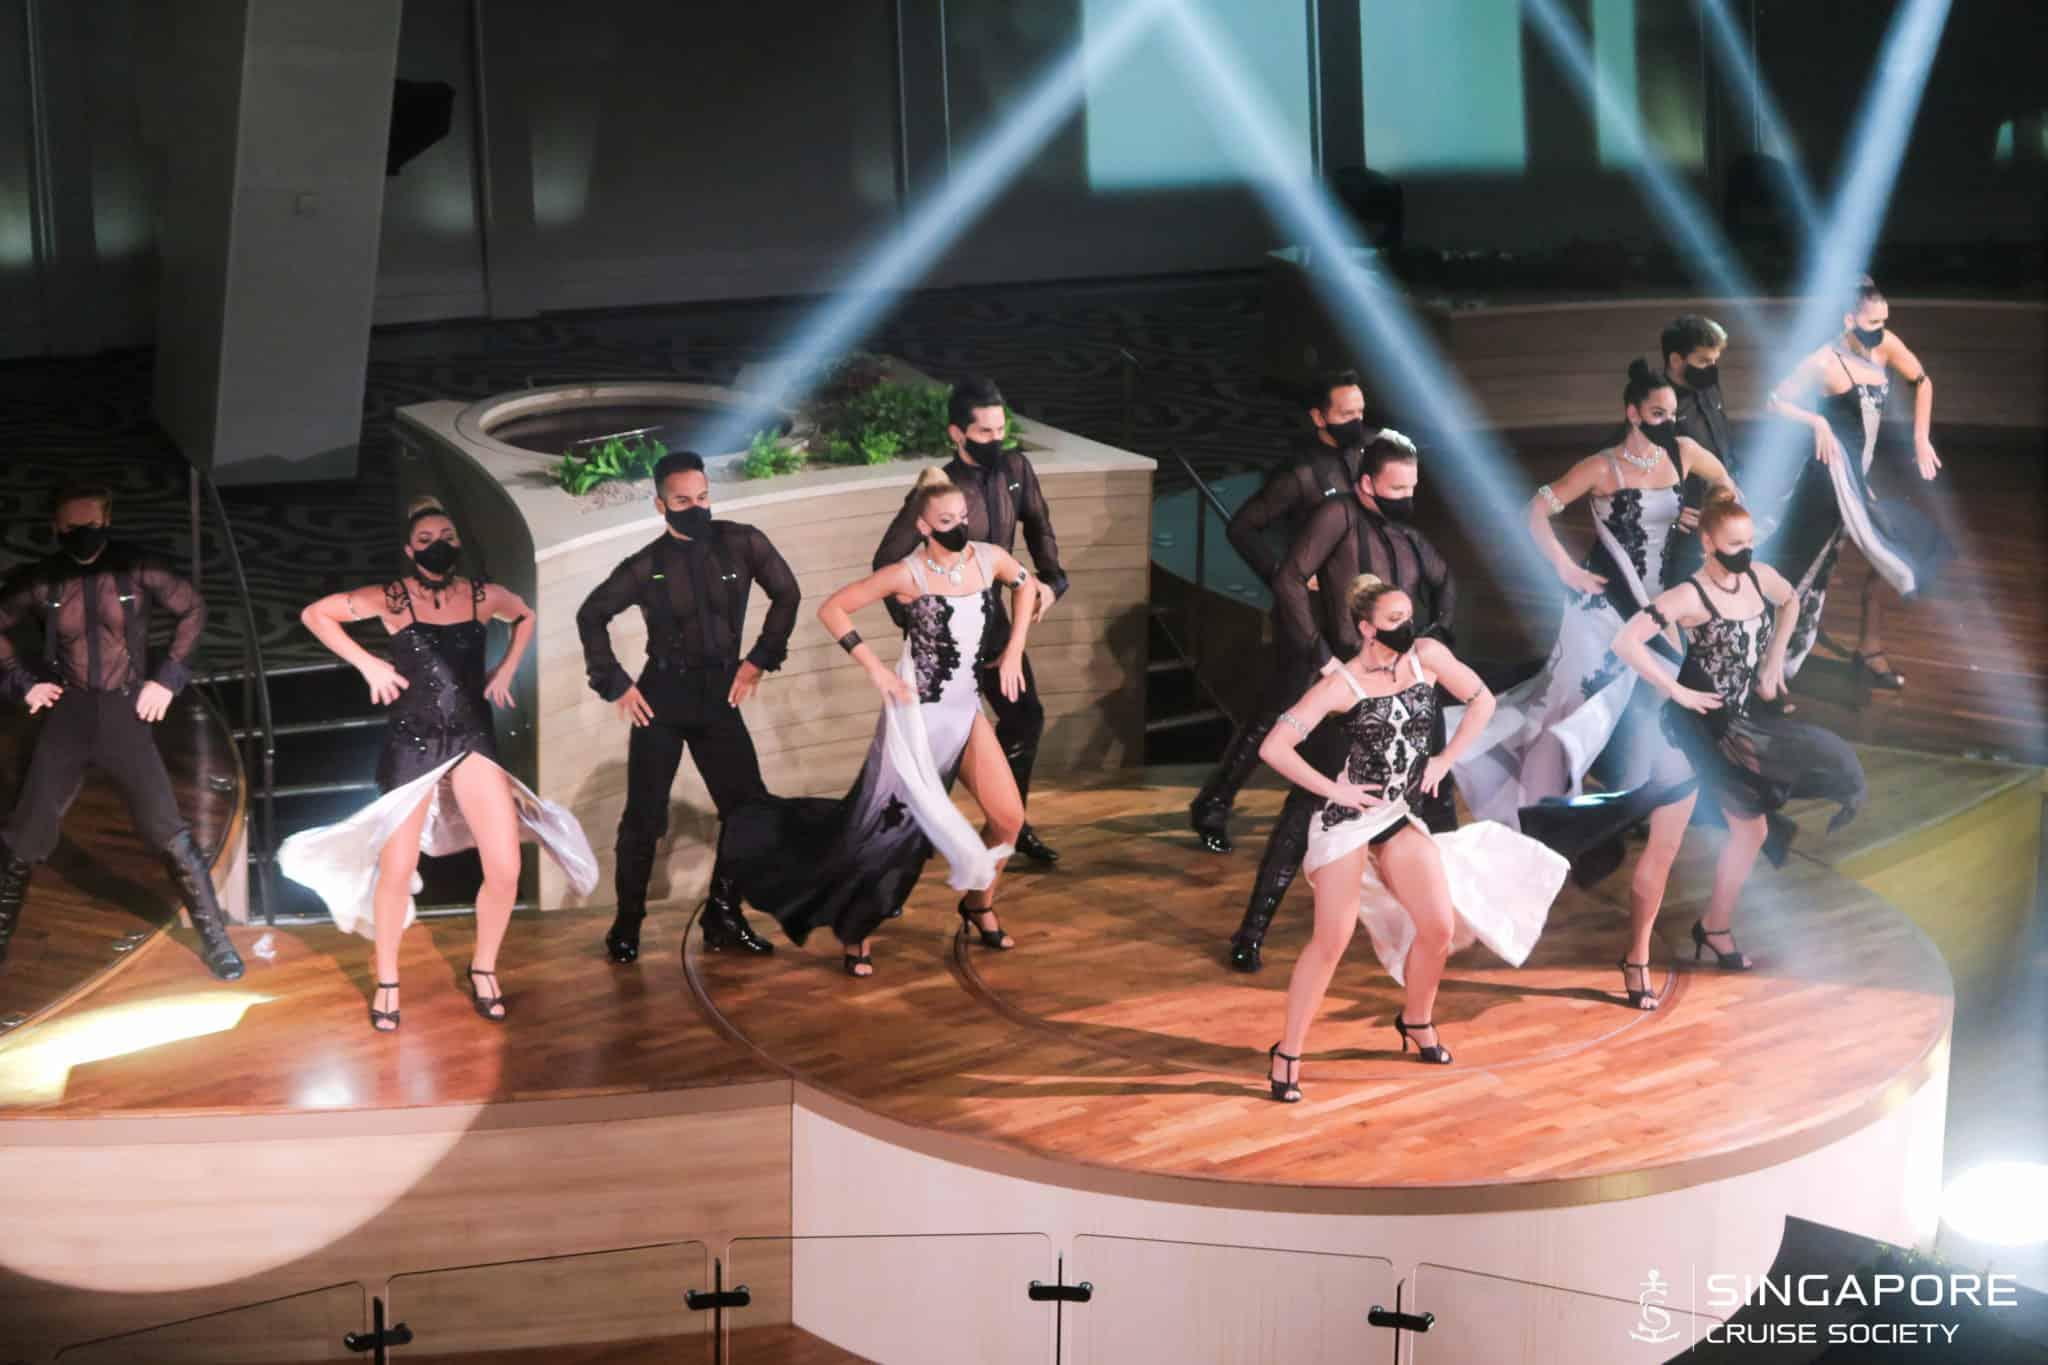 quantum of the seas singapore theater show